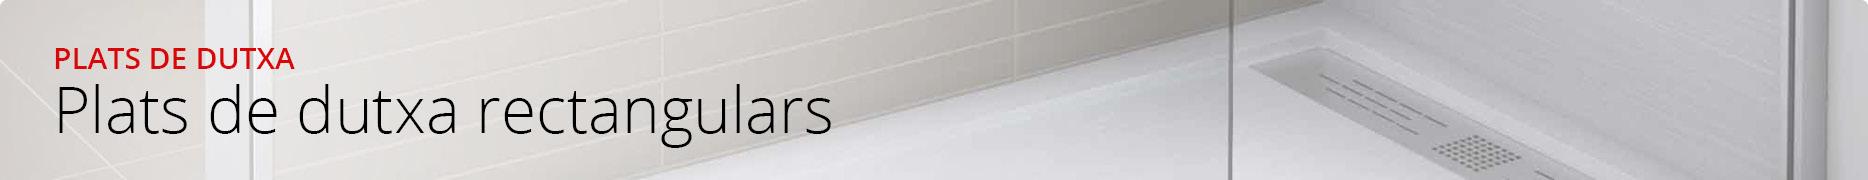 Plats de dutxa rectangulars